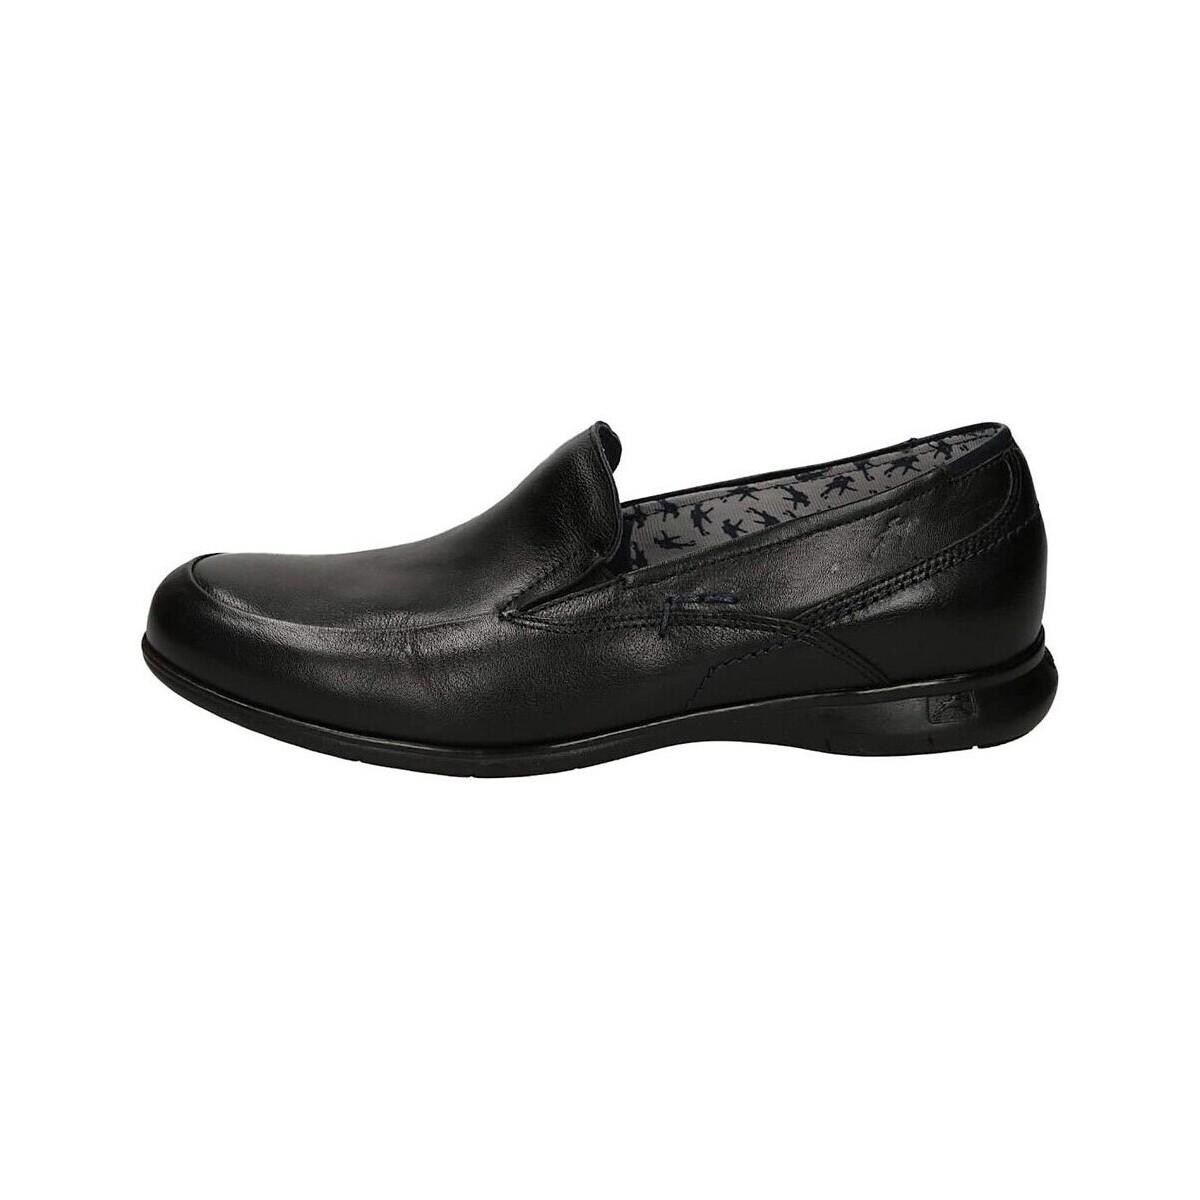 Fluchos 9762 Schwarz - Kostenloser Versand bei Spartoode ! - Schuhe Slipper Damen 82,00 €